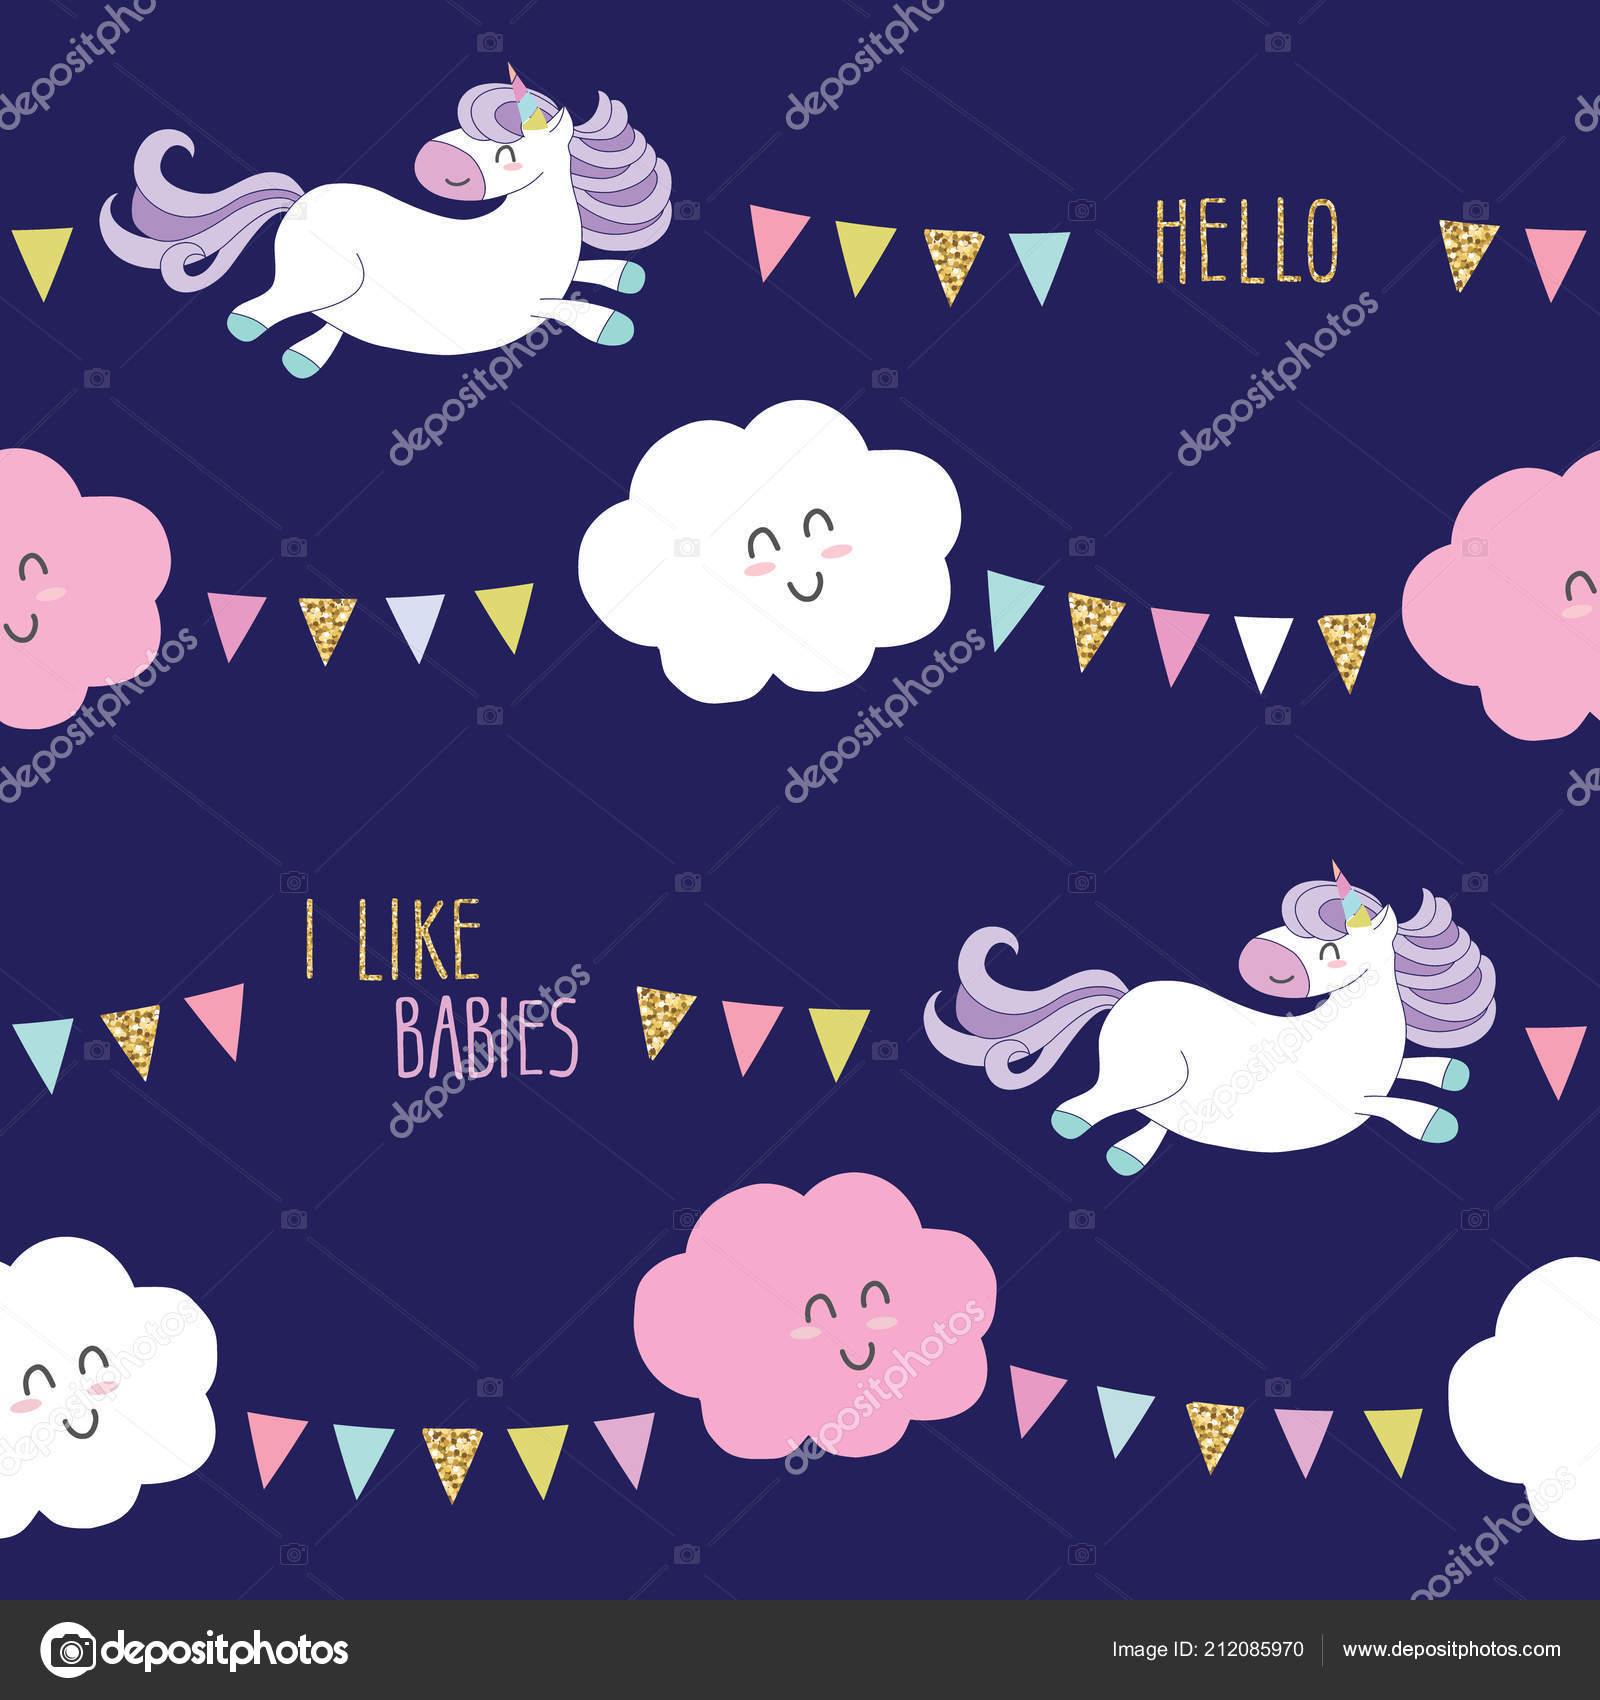 110329e3eeed Lindo unicornio sin fisuras de fondo con nubes de kawaii dibujos animados y  guirnaldas. Para niños ropa, pijamas, diseño de ducha del bebé.